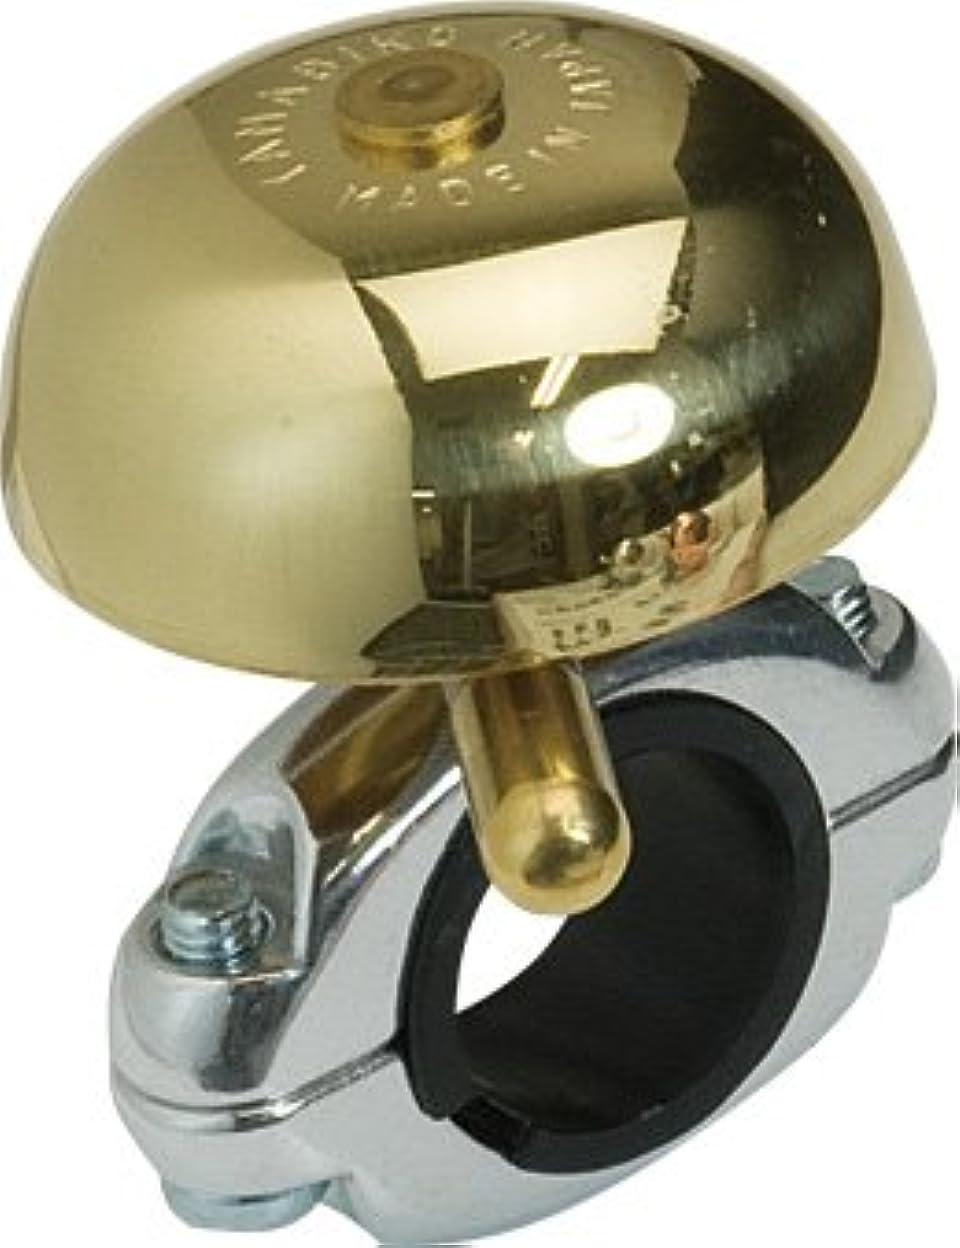 影響力のある恩恵はしご扇工業 やまびこ ベル OH2200 ゴールド (コード番号:HOB05701) (ベル)